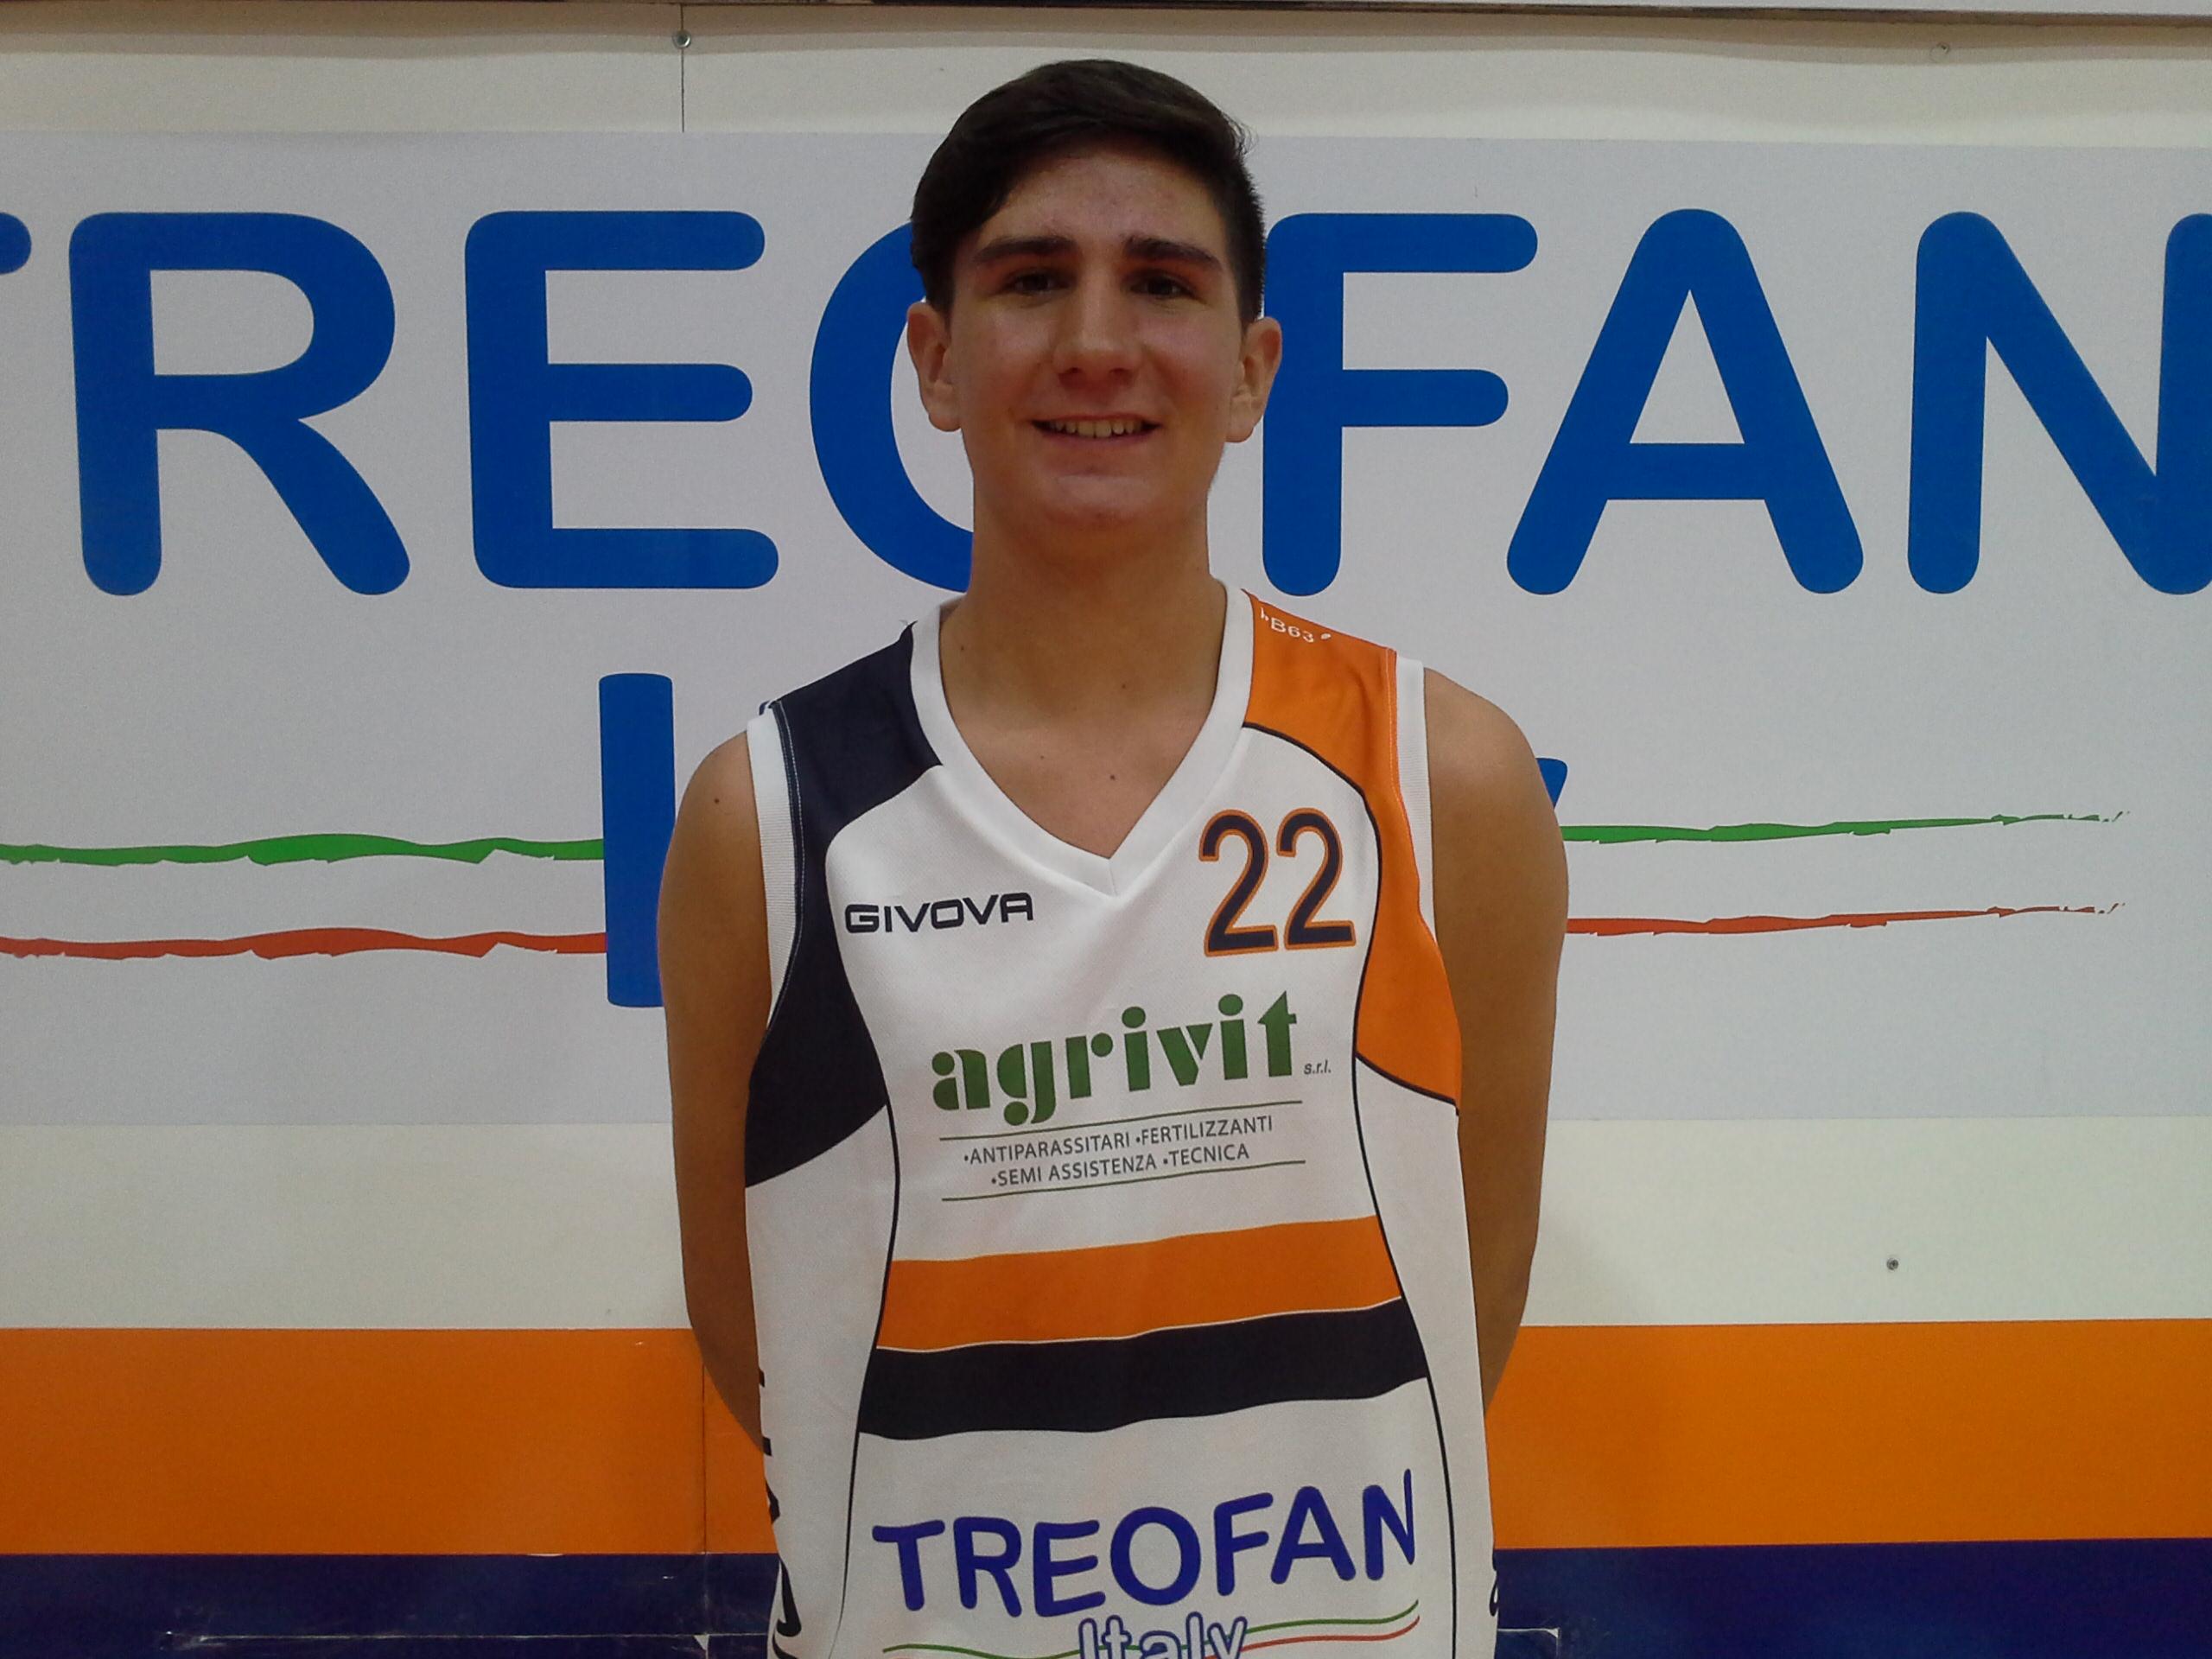 Vincenzo D'Ambrosio